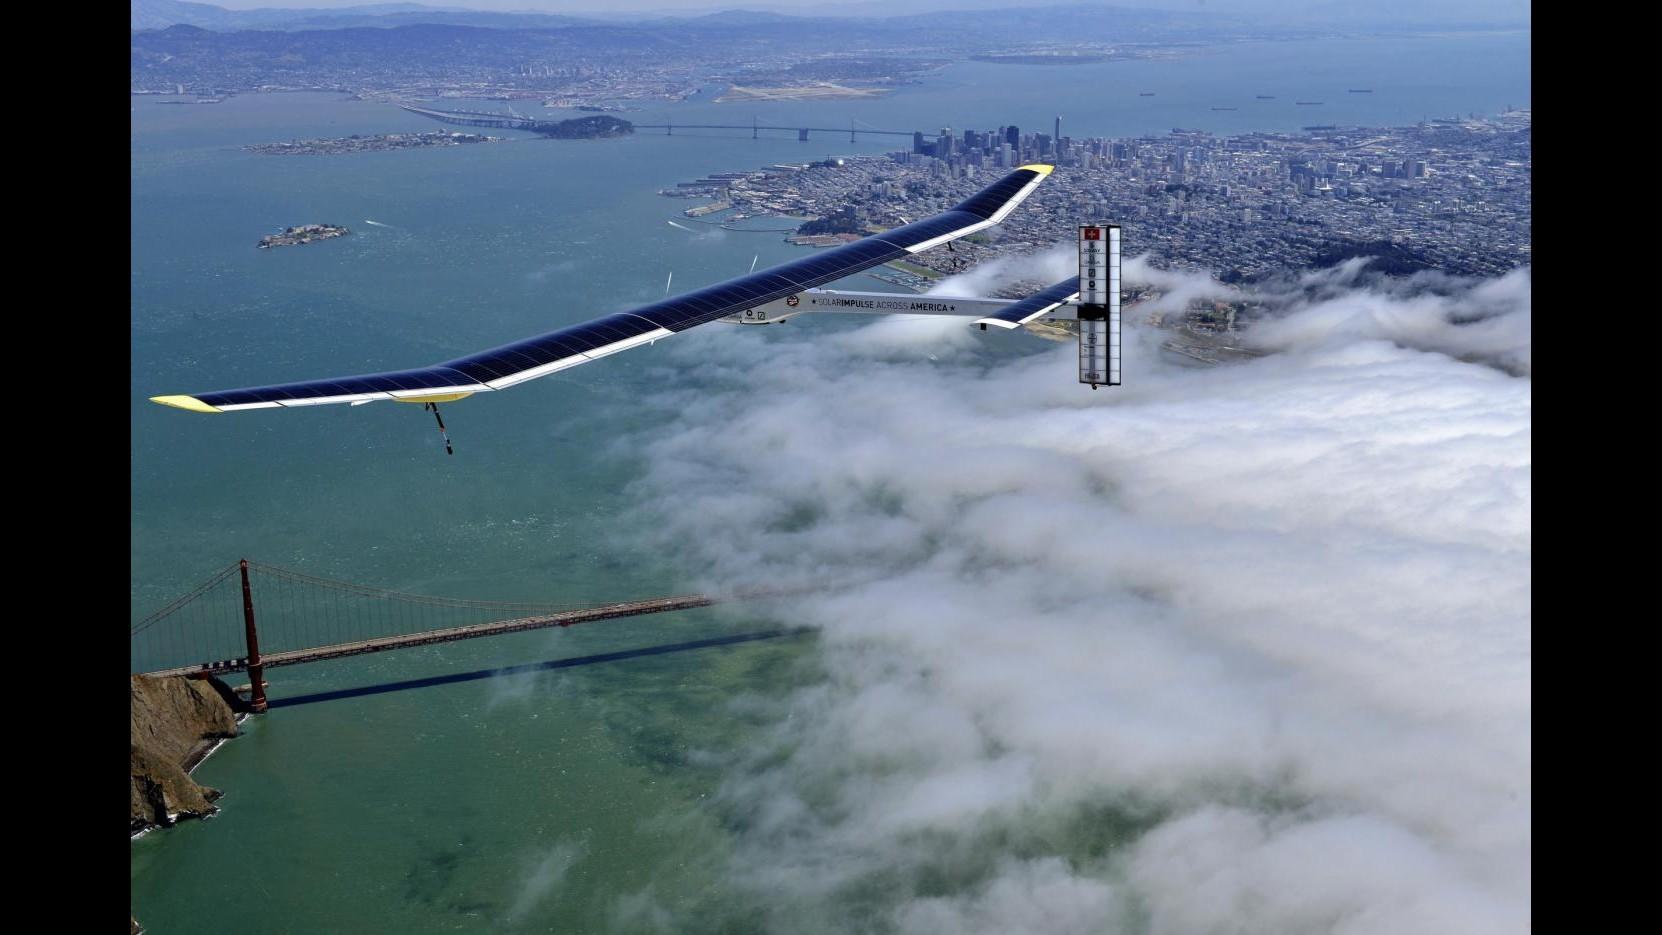 Aereo Solar Impulse completa seconda tappa viaggio attraverso Usa